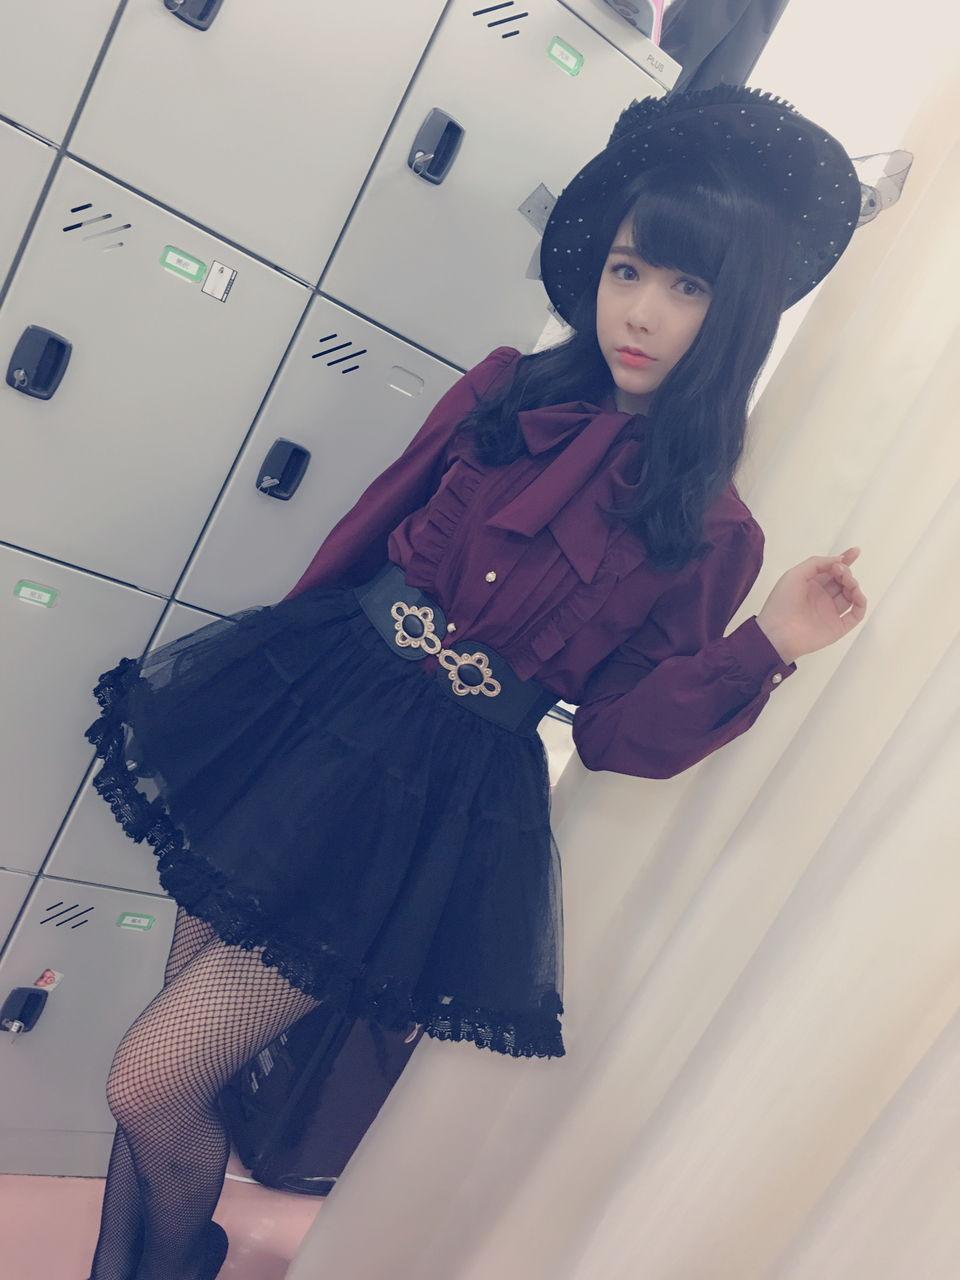 可愛い衣装と帽子をかぶっている村重杏奈の画像♪